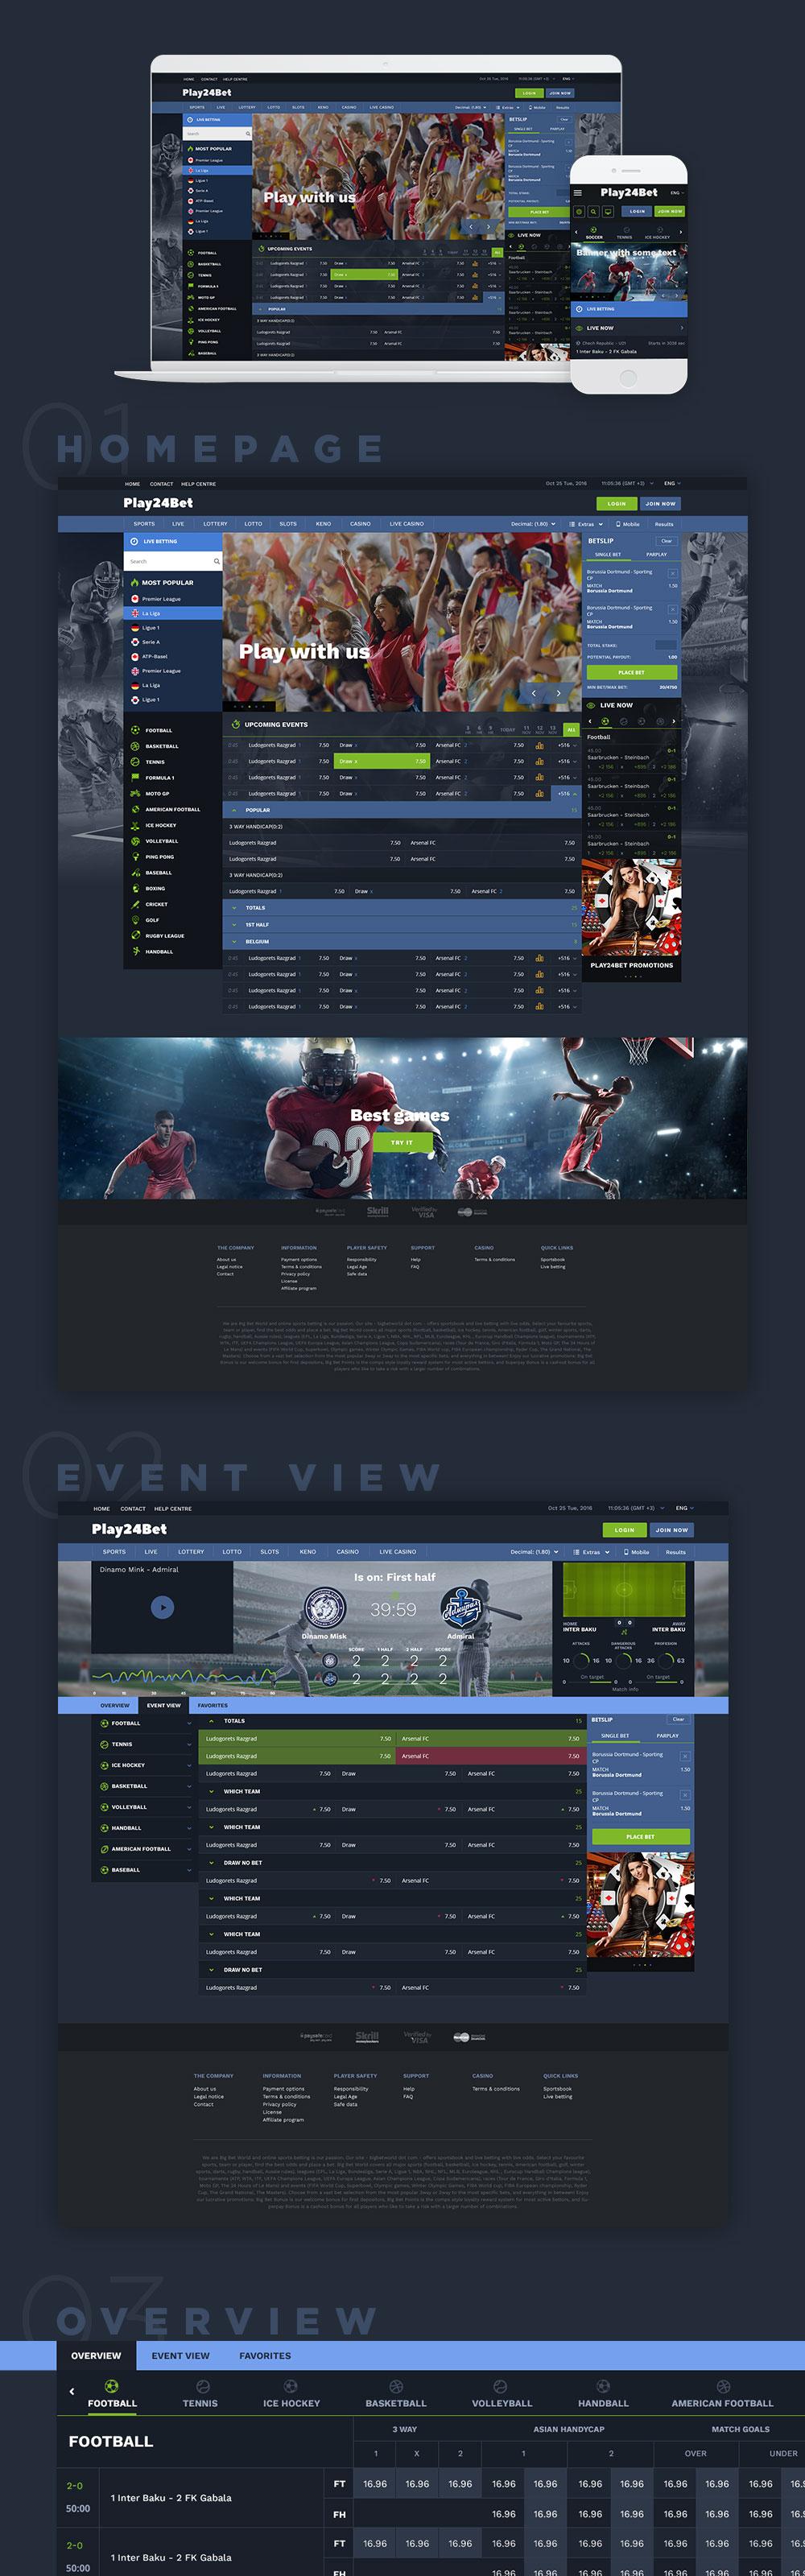 Pay24Bet. Интерфейс и дизайн сайта ставок